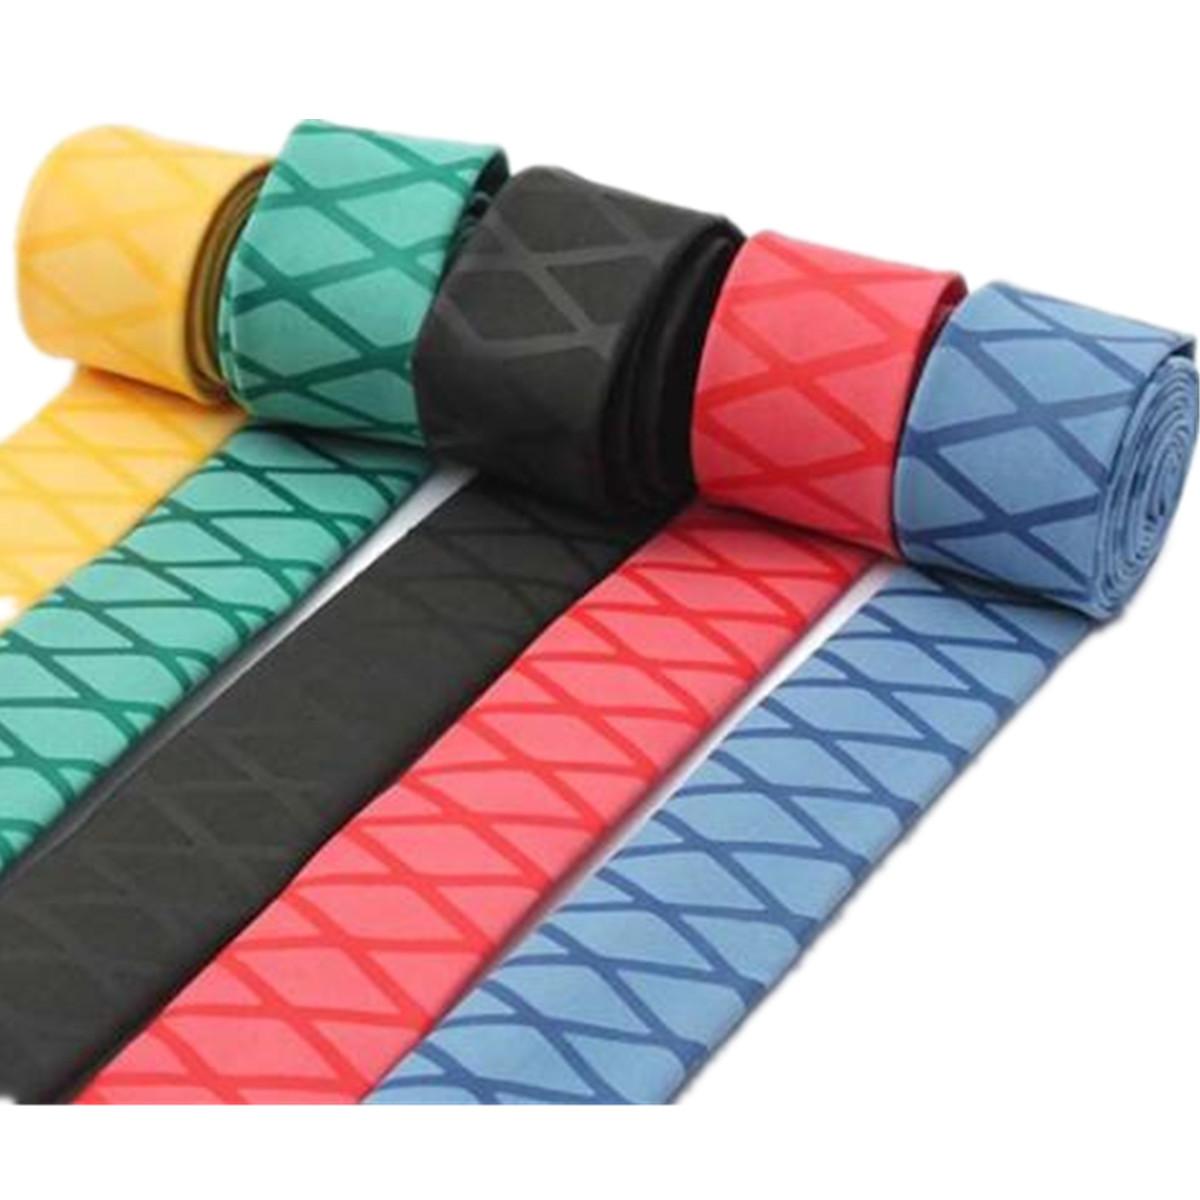 安心の実績 高価 買取 強化中 熱収縮ラバーグリップ 滑り止めグリップ ラバーチューブ 熱収縮チューブ TaiSeiDC 内径35mm サイズ 長さ1.0M マート 黒青緑赤黄 5色選択